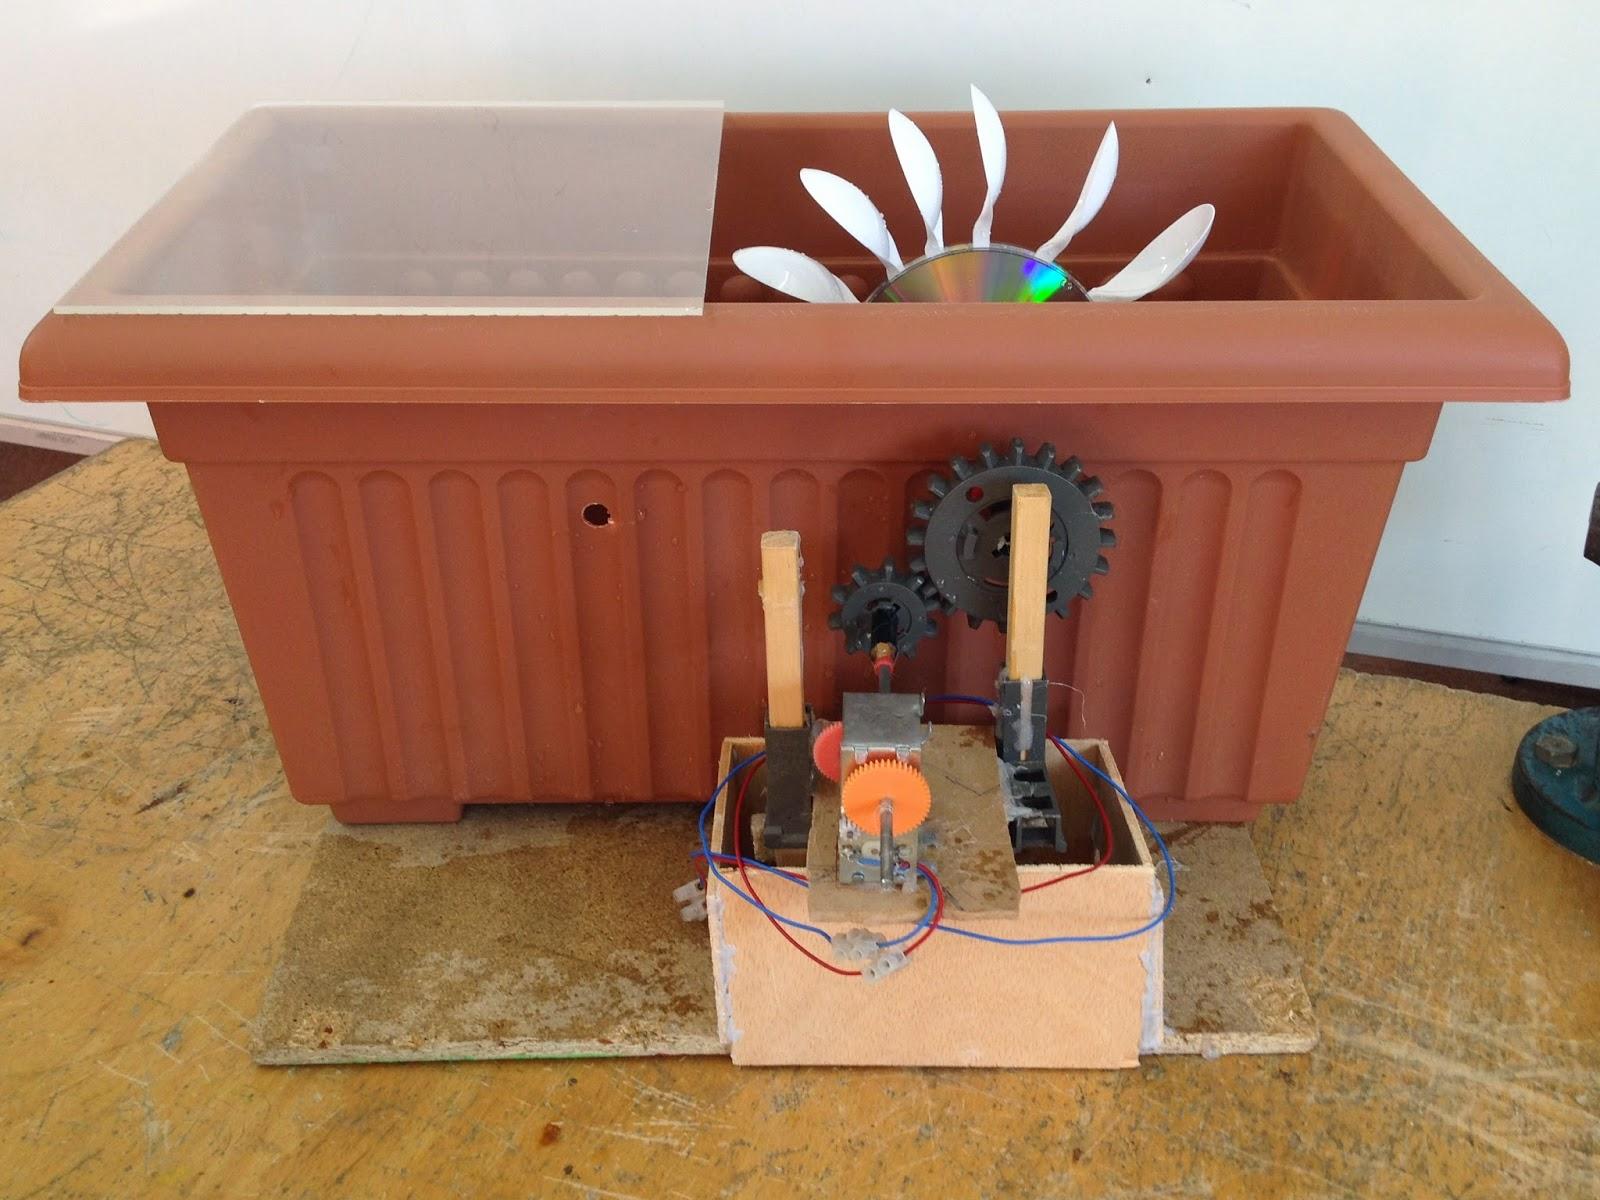 Aula de tecnolog as construyendo maquetas de energ as - Como se limpia una casa ...